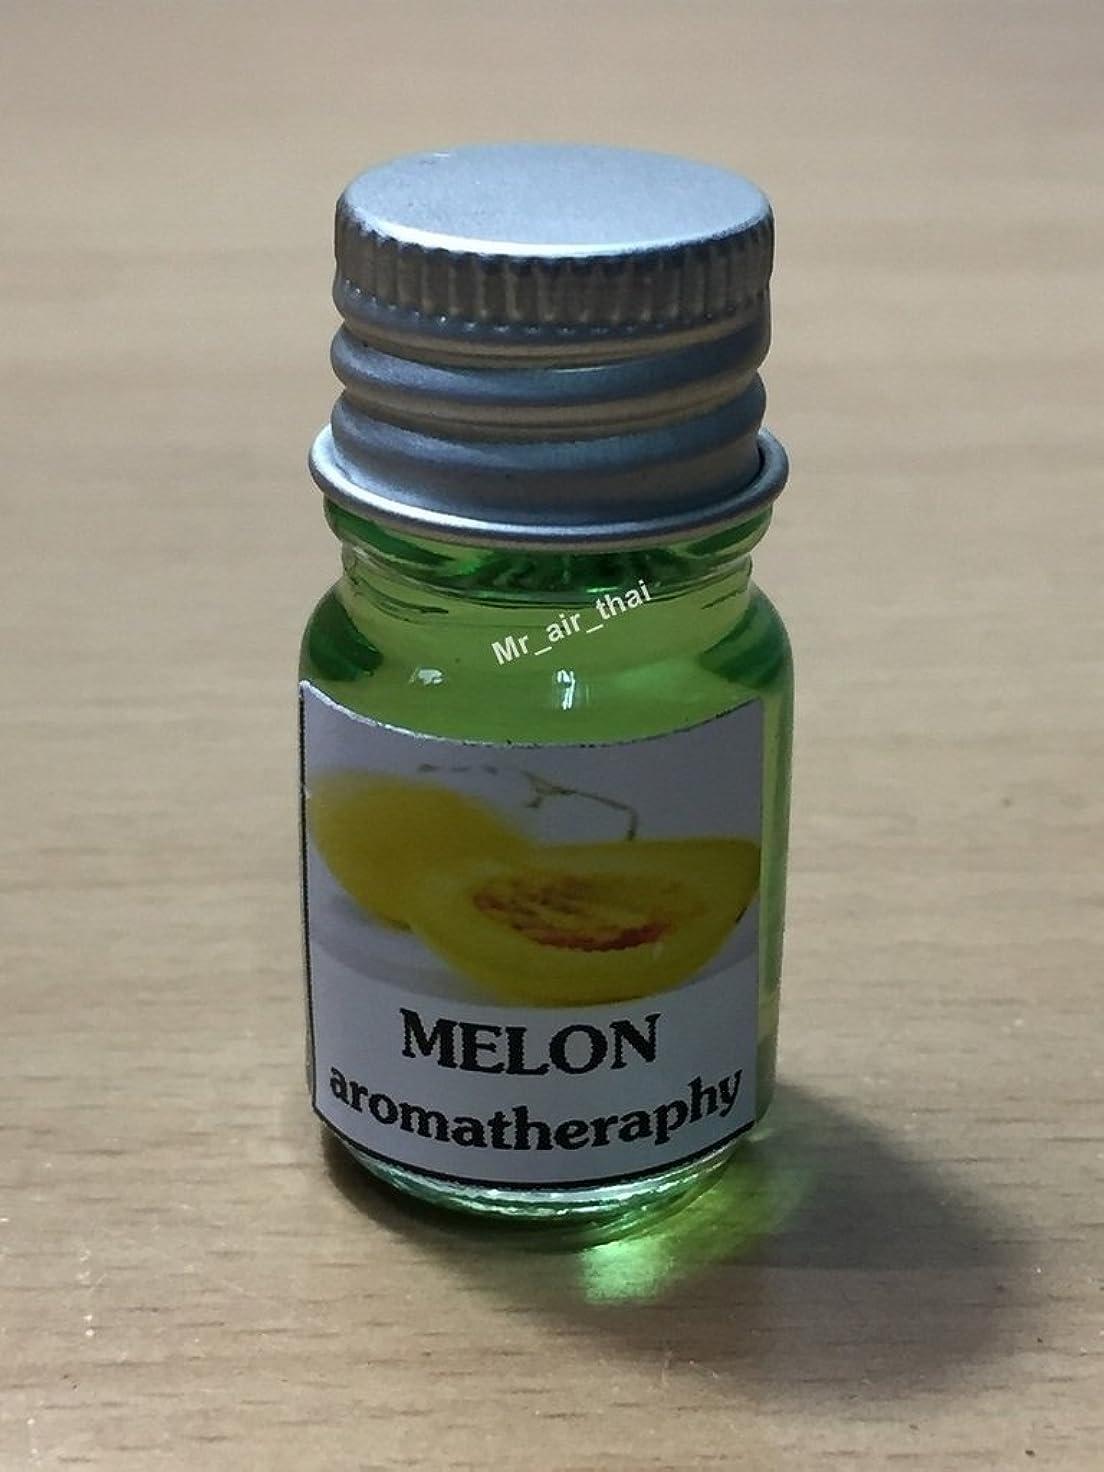 雑品宇宙魔術師5ミリリットルアロマメロンフランクインセンスエッセンシャルオイルボトルアロマテラピーオイル自然自然5ml Aroma Melon Frankincense Essential Oil Bottles Aromatherapy Oils natural nature